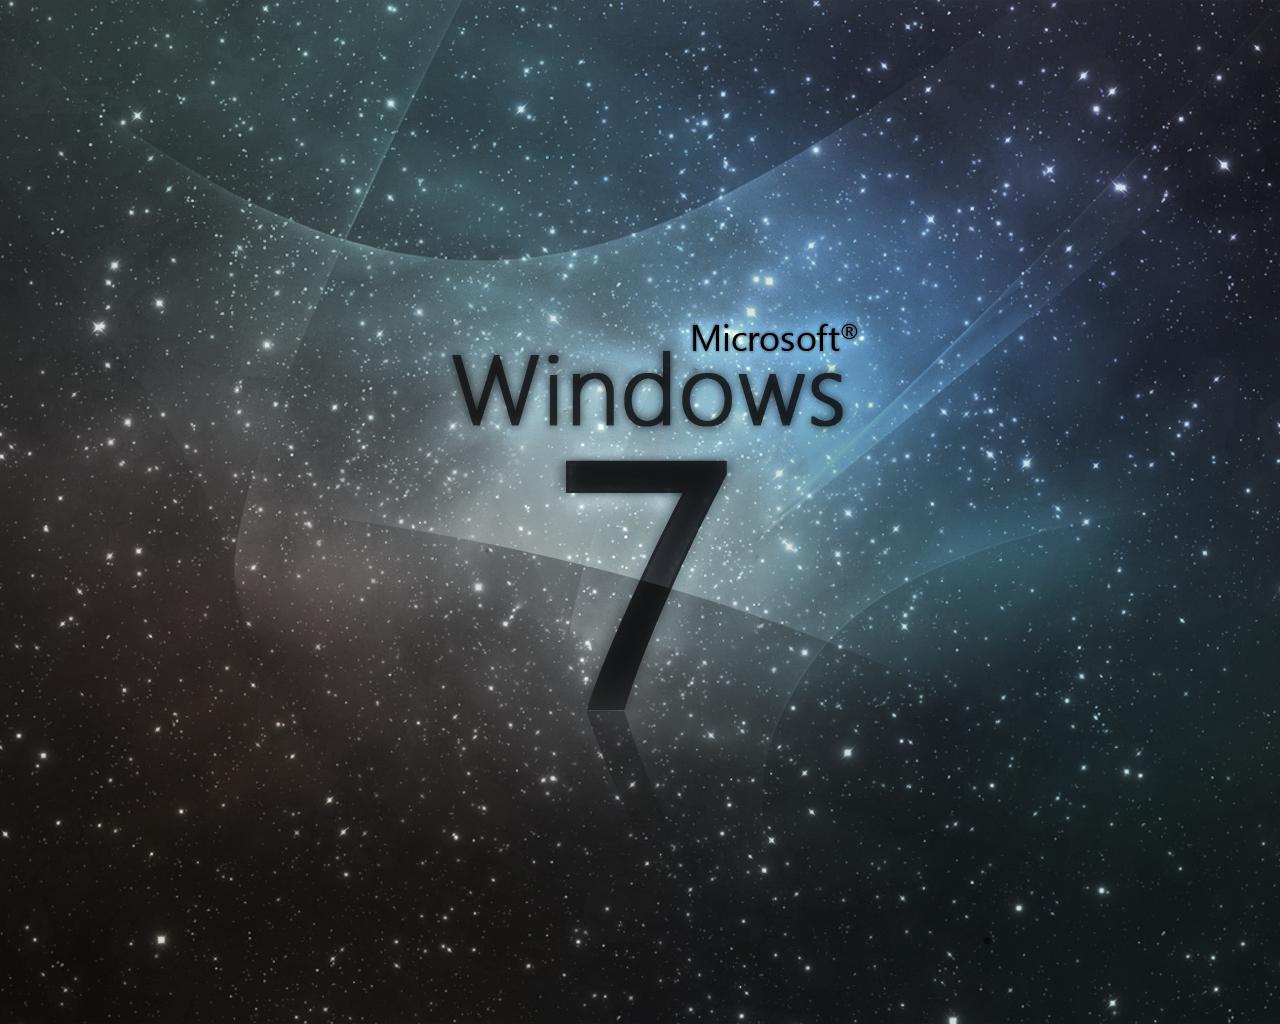 Top 10 Best Wallpapers Windows 7 1280x1024